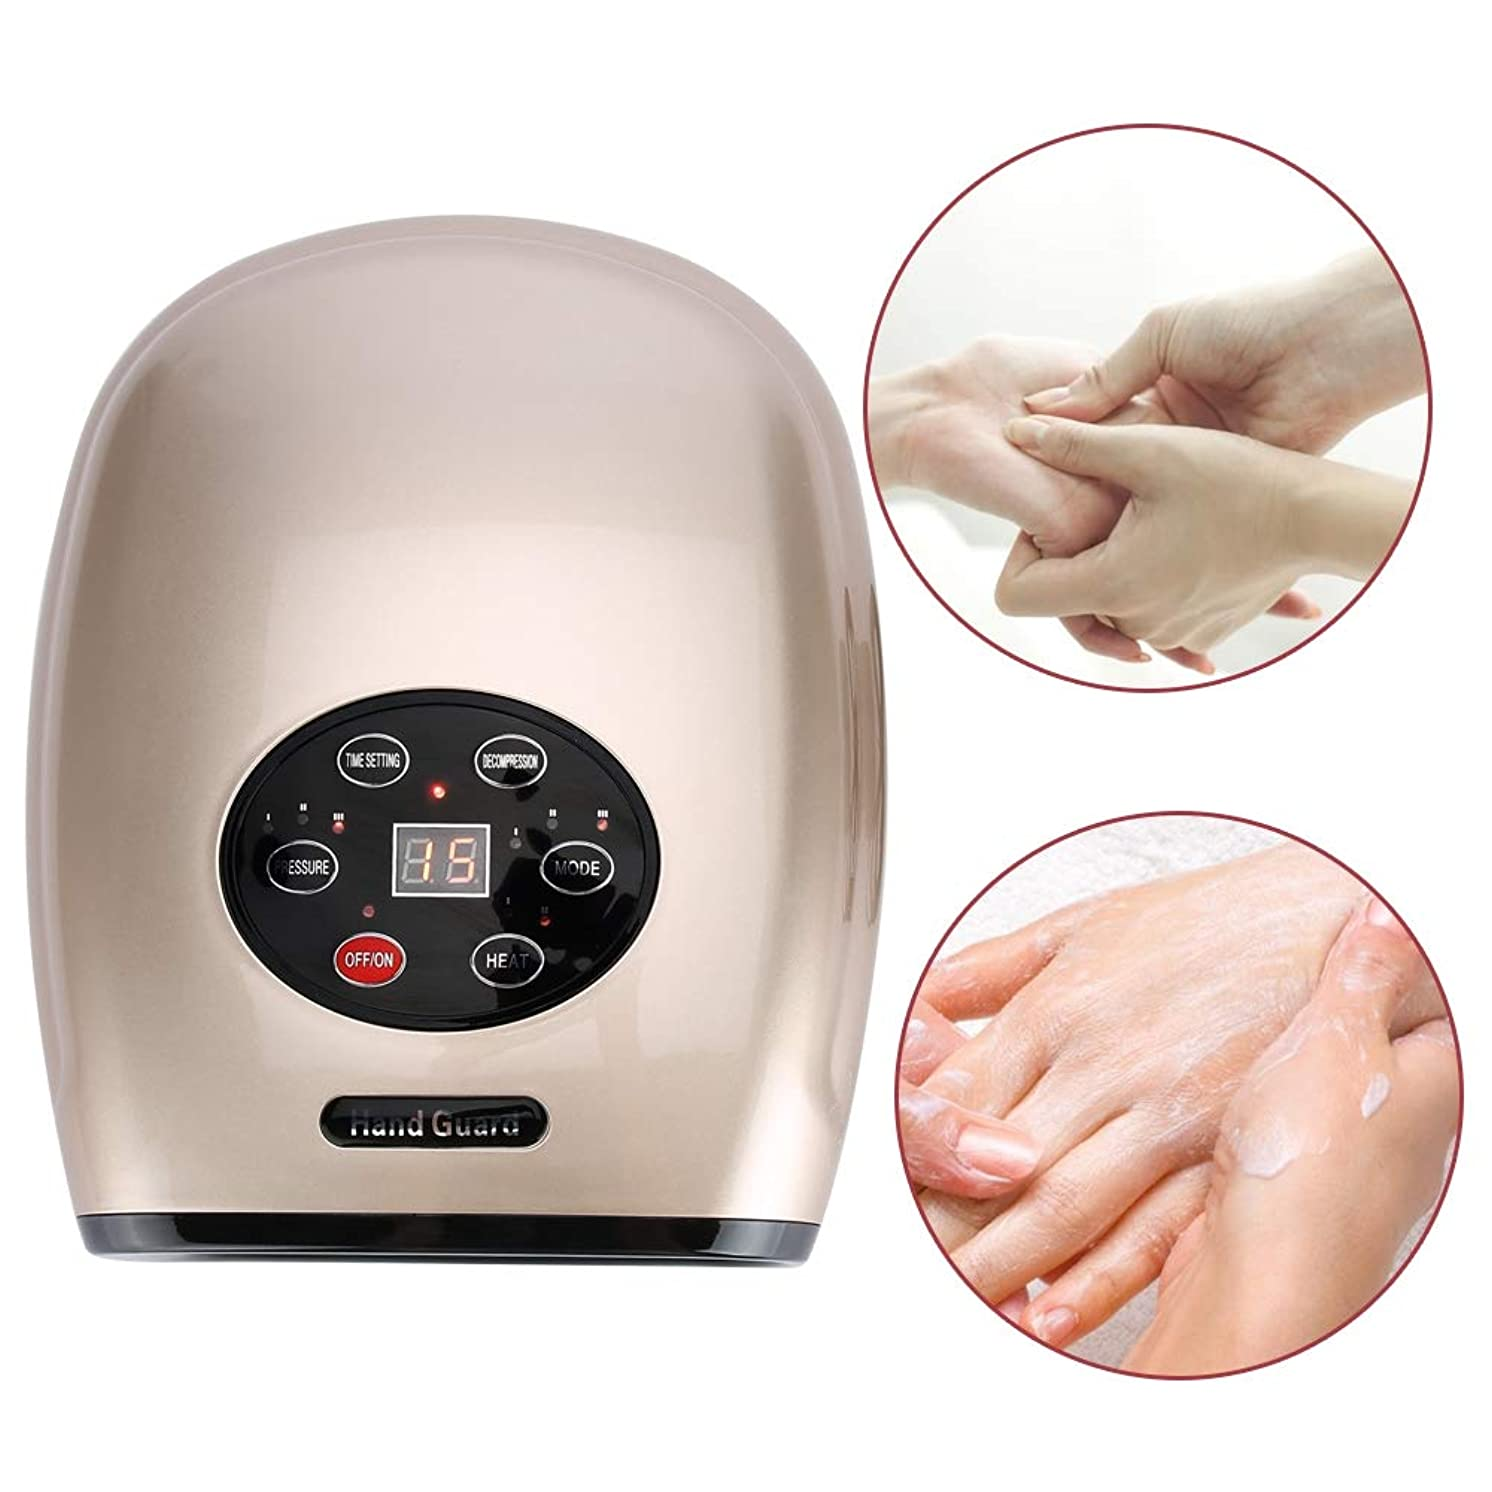 電気指圧手のひらマッサージ、指の寒さひずみとしびれリリーフフィンガーアポイントマッサージリリーフハンドケアツール(Gold US Plug)